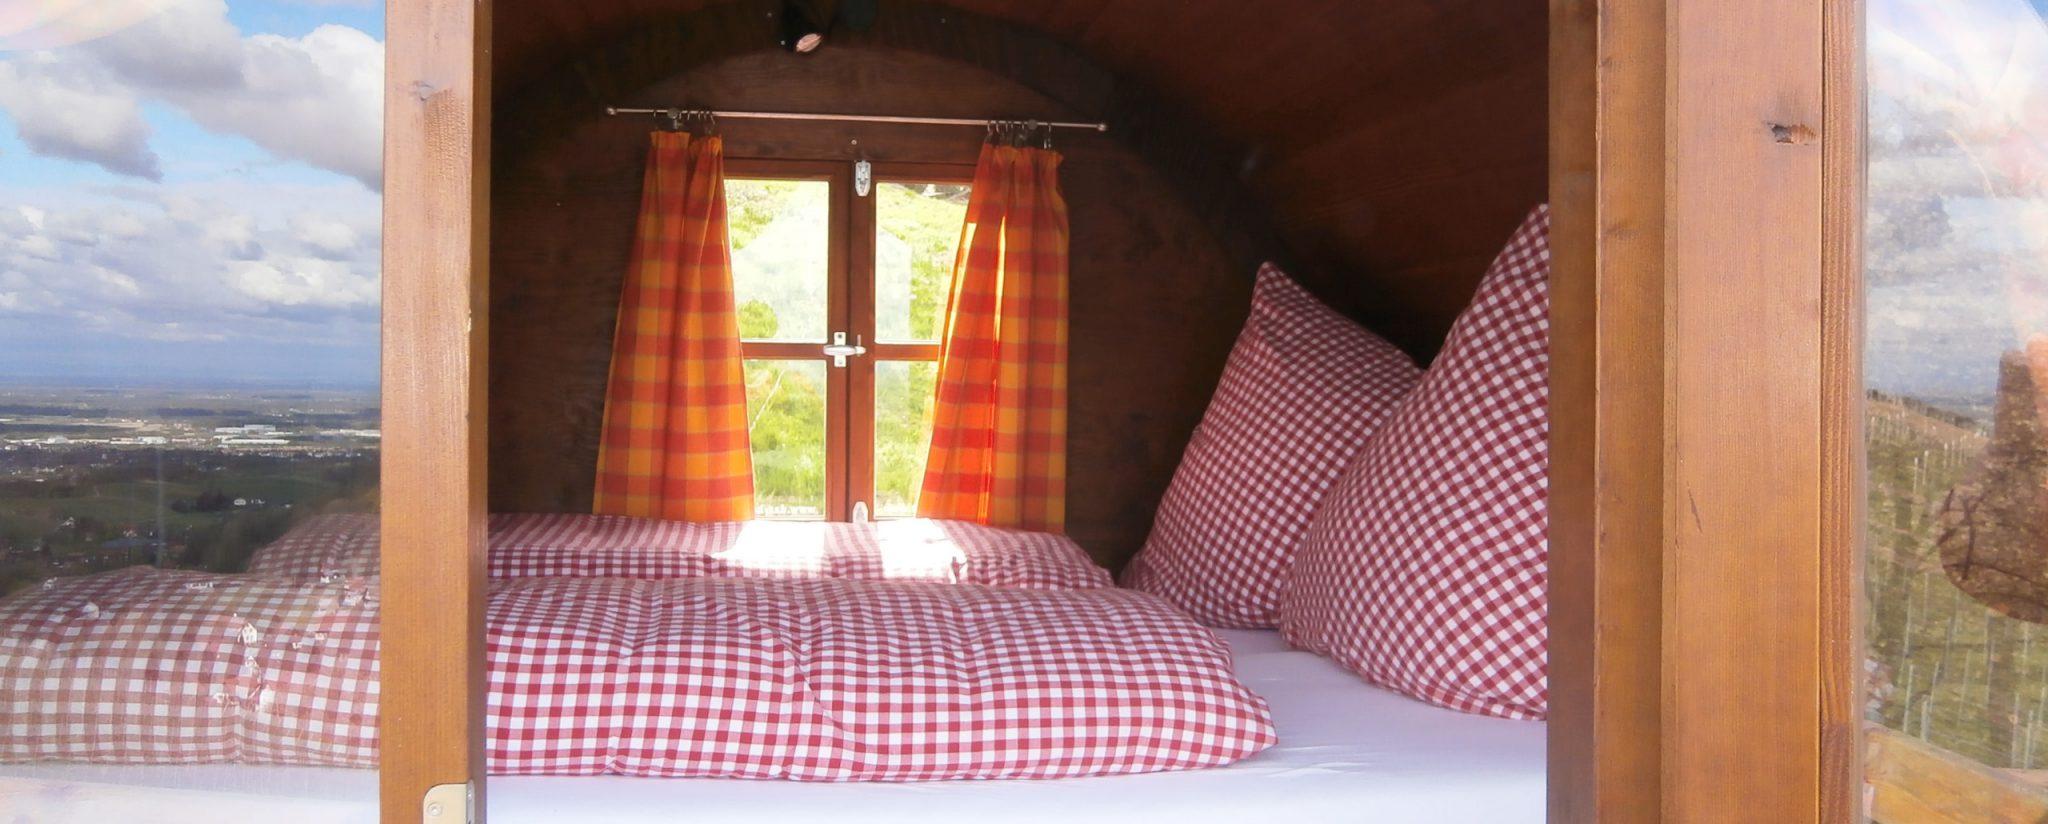 Una delle botti-dormitorio / Schlafen im Weinfass